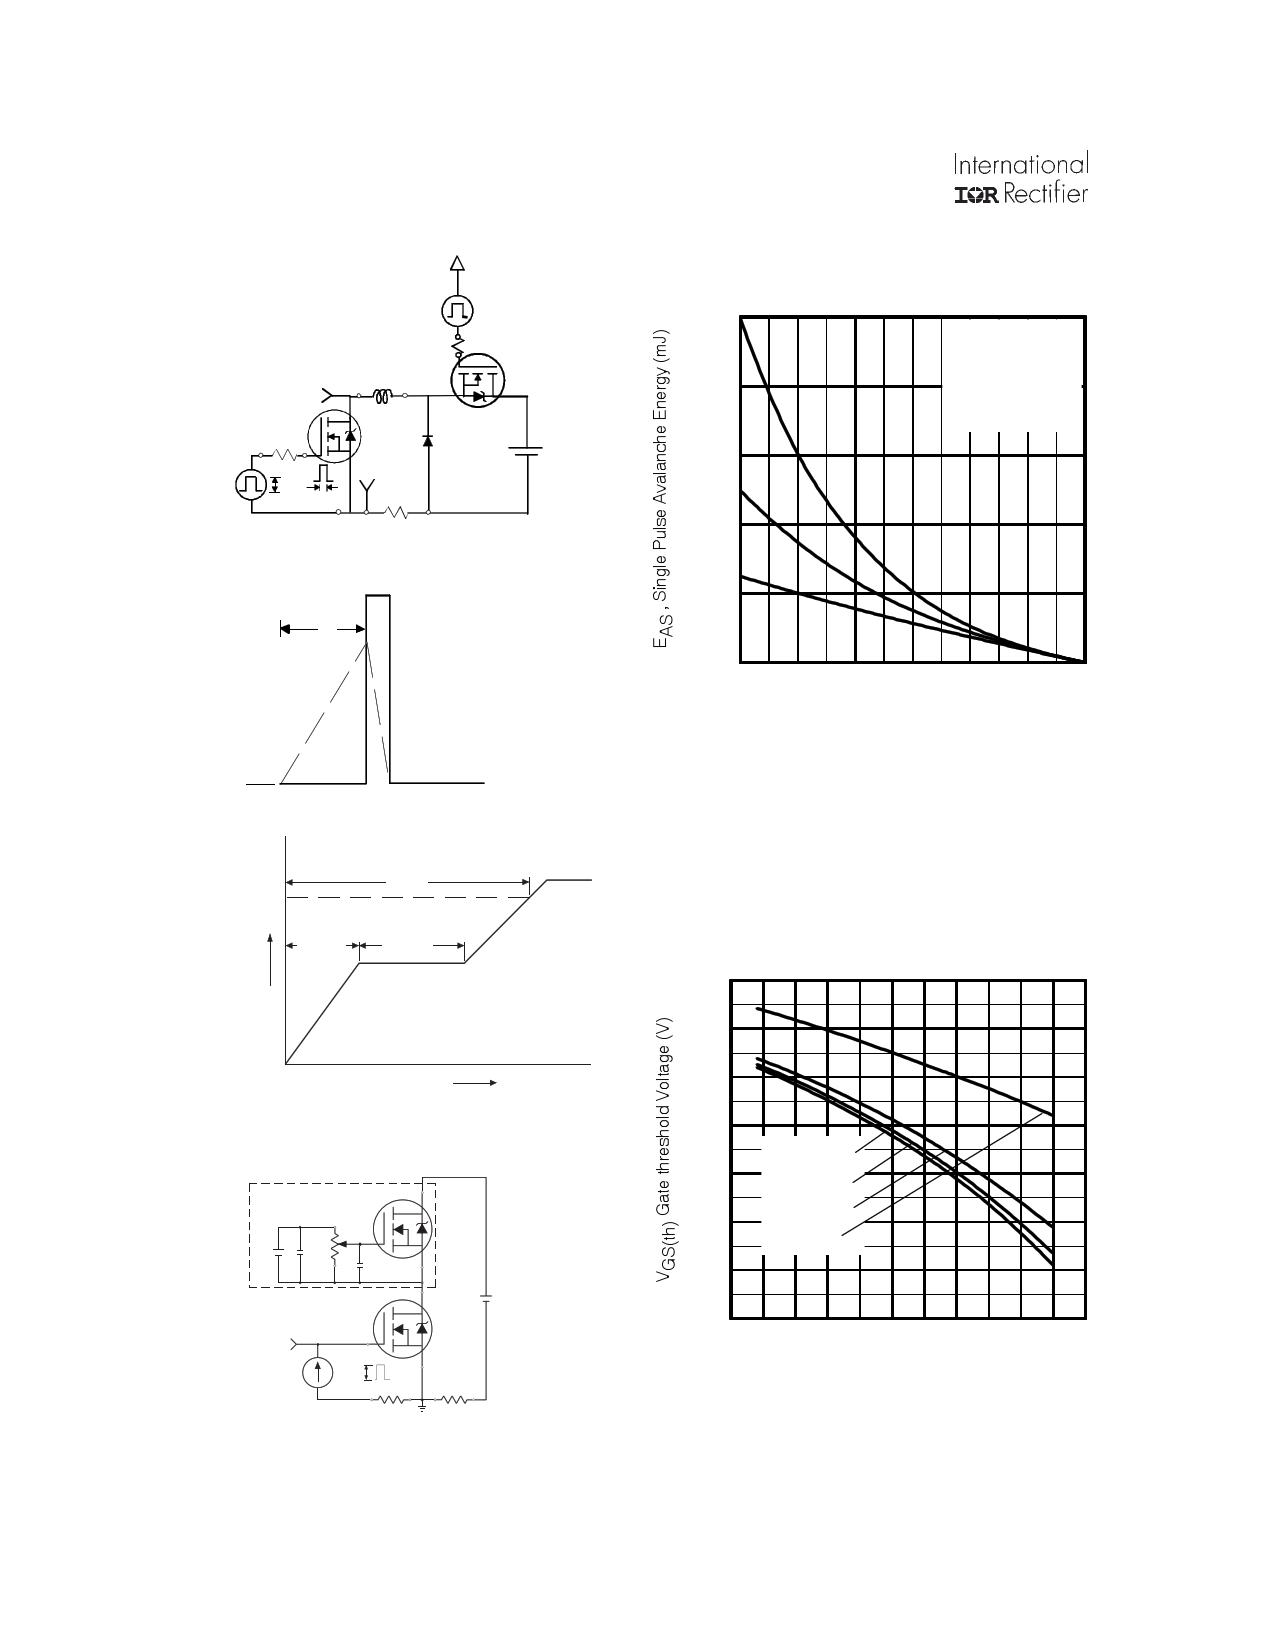 IRF1405ZL-7P 電子部品, 半導体